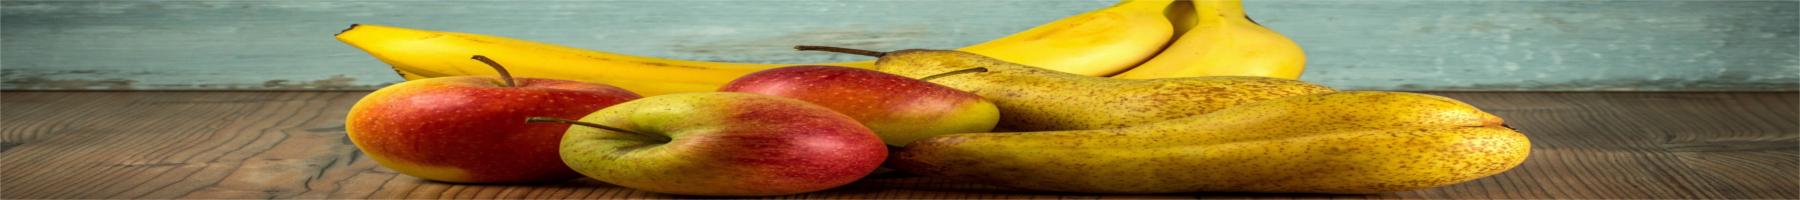 richtige ernährung gegen pickel